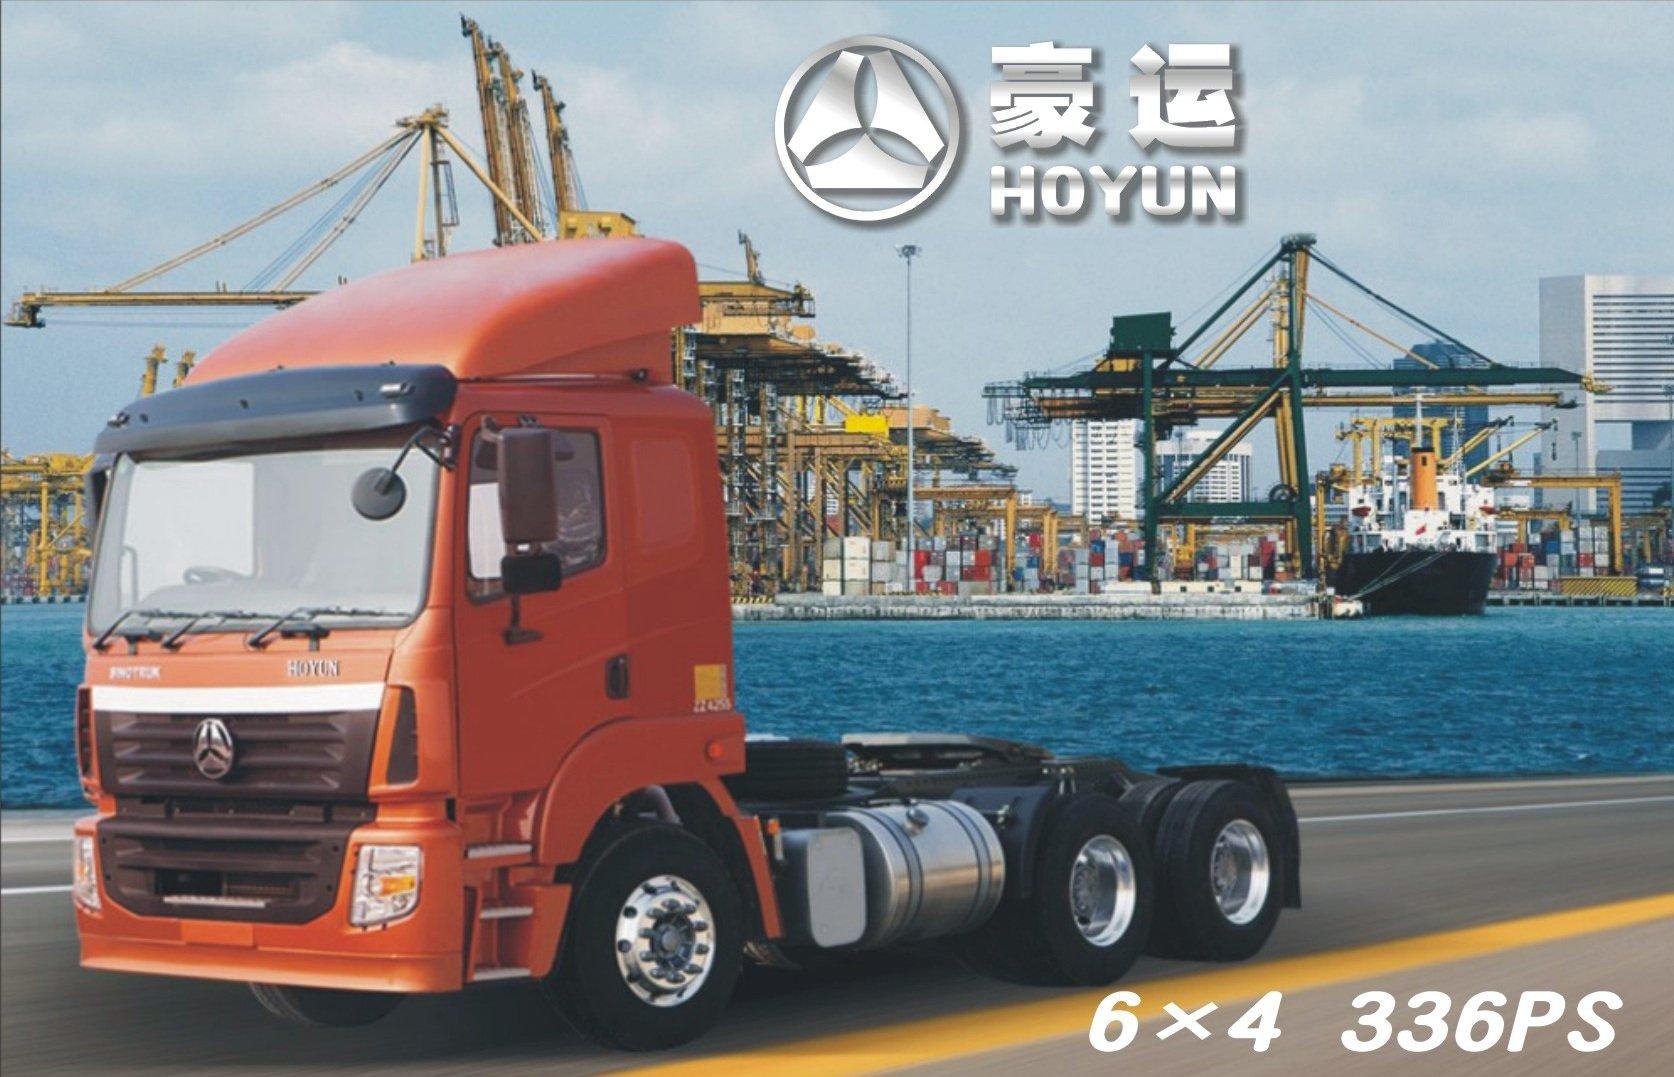 รีวิว รถบรรทุก HOYUN 6×4 Tractor Head